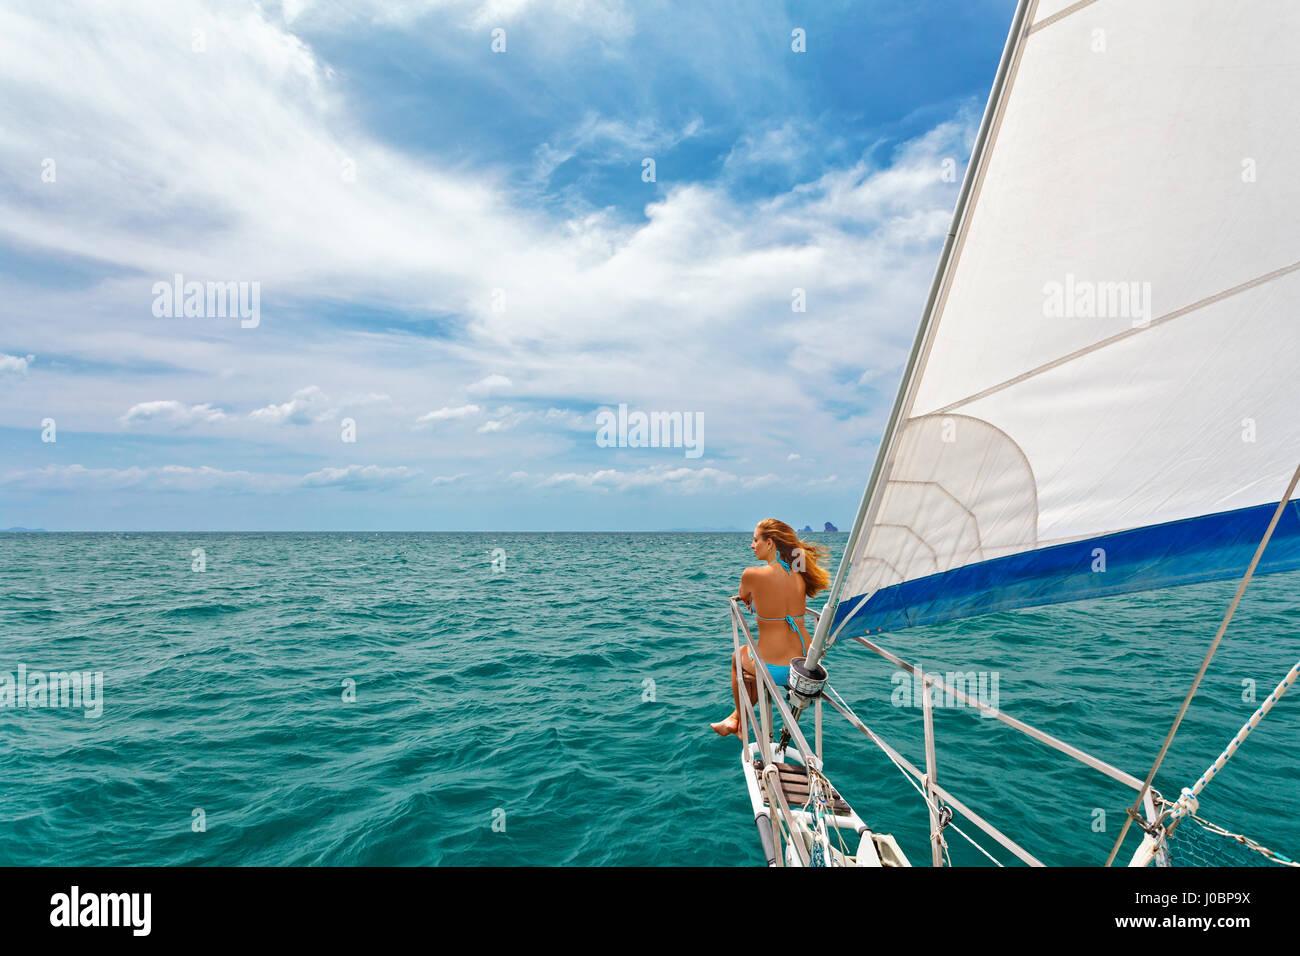 Joven alegre retrato. Feliz, la niña a bordo del velero de divertirse descubriendo islas en el mar tropical Imagen De Stock